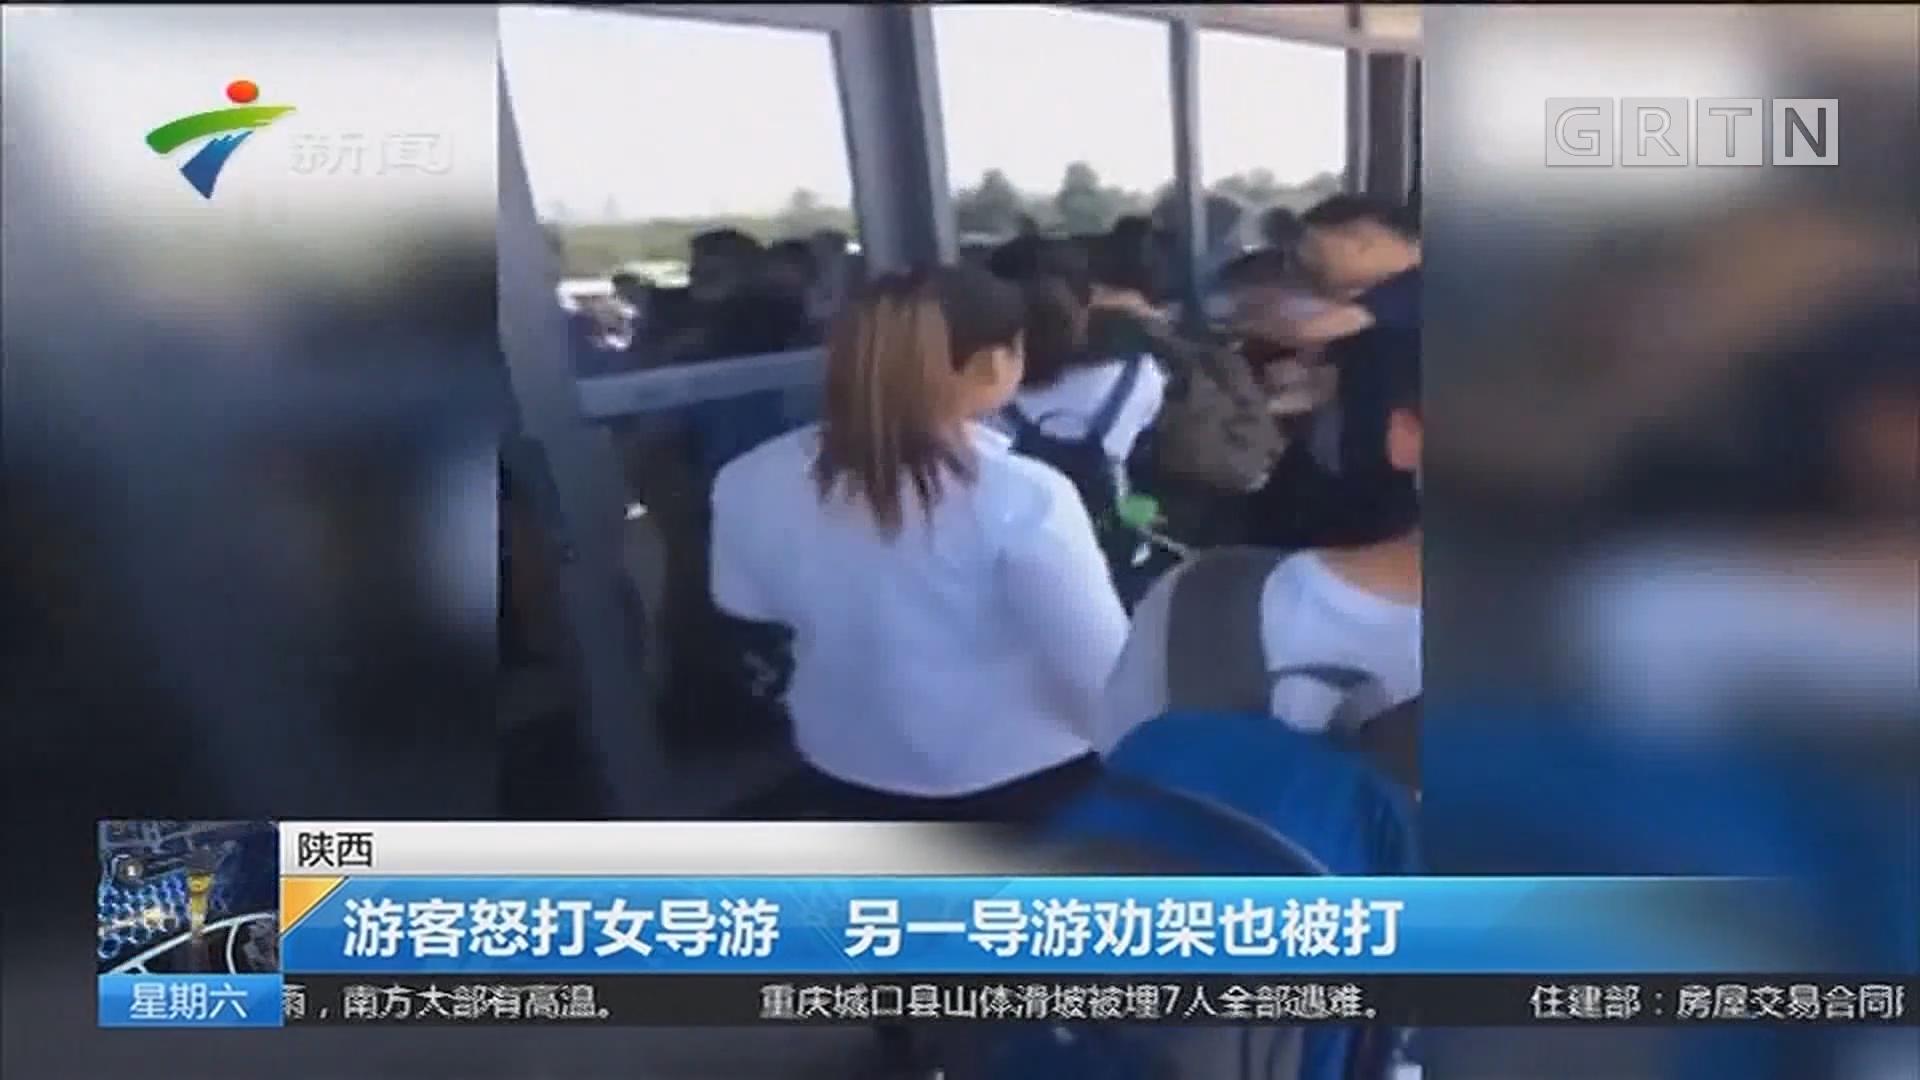 陕西 游客怒打女导游 另一导游劝架也被打